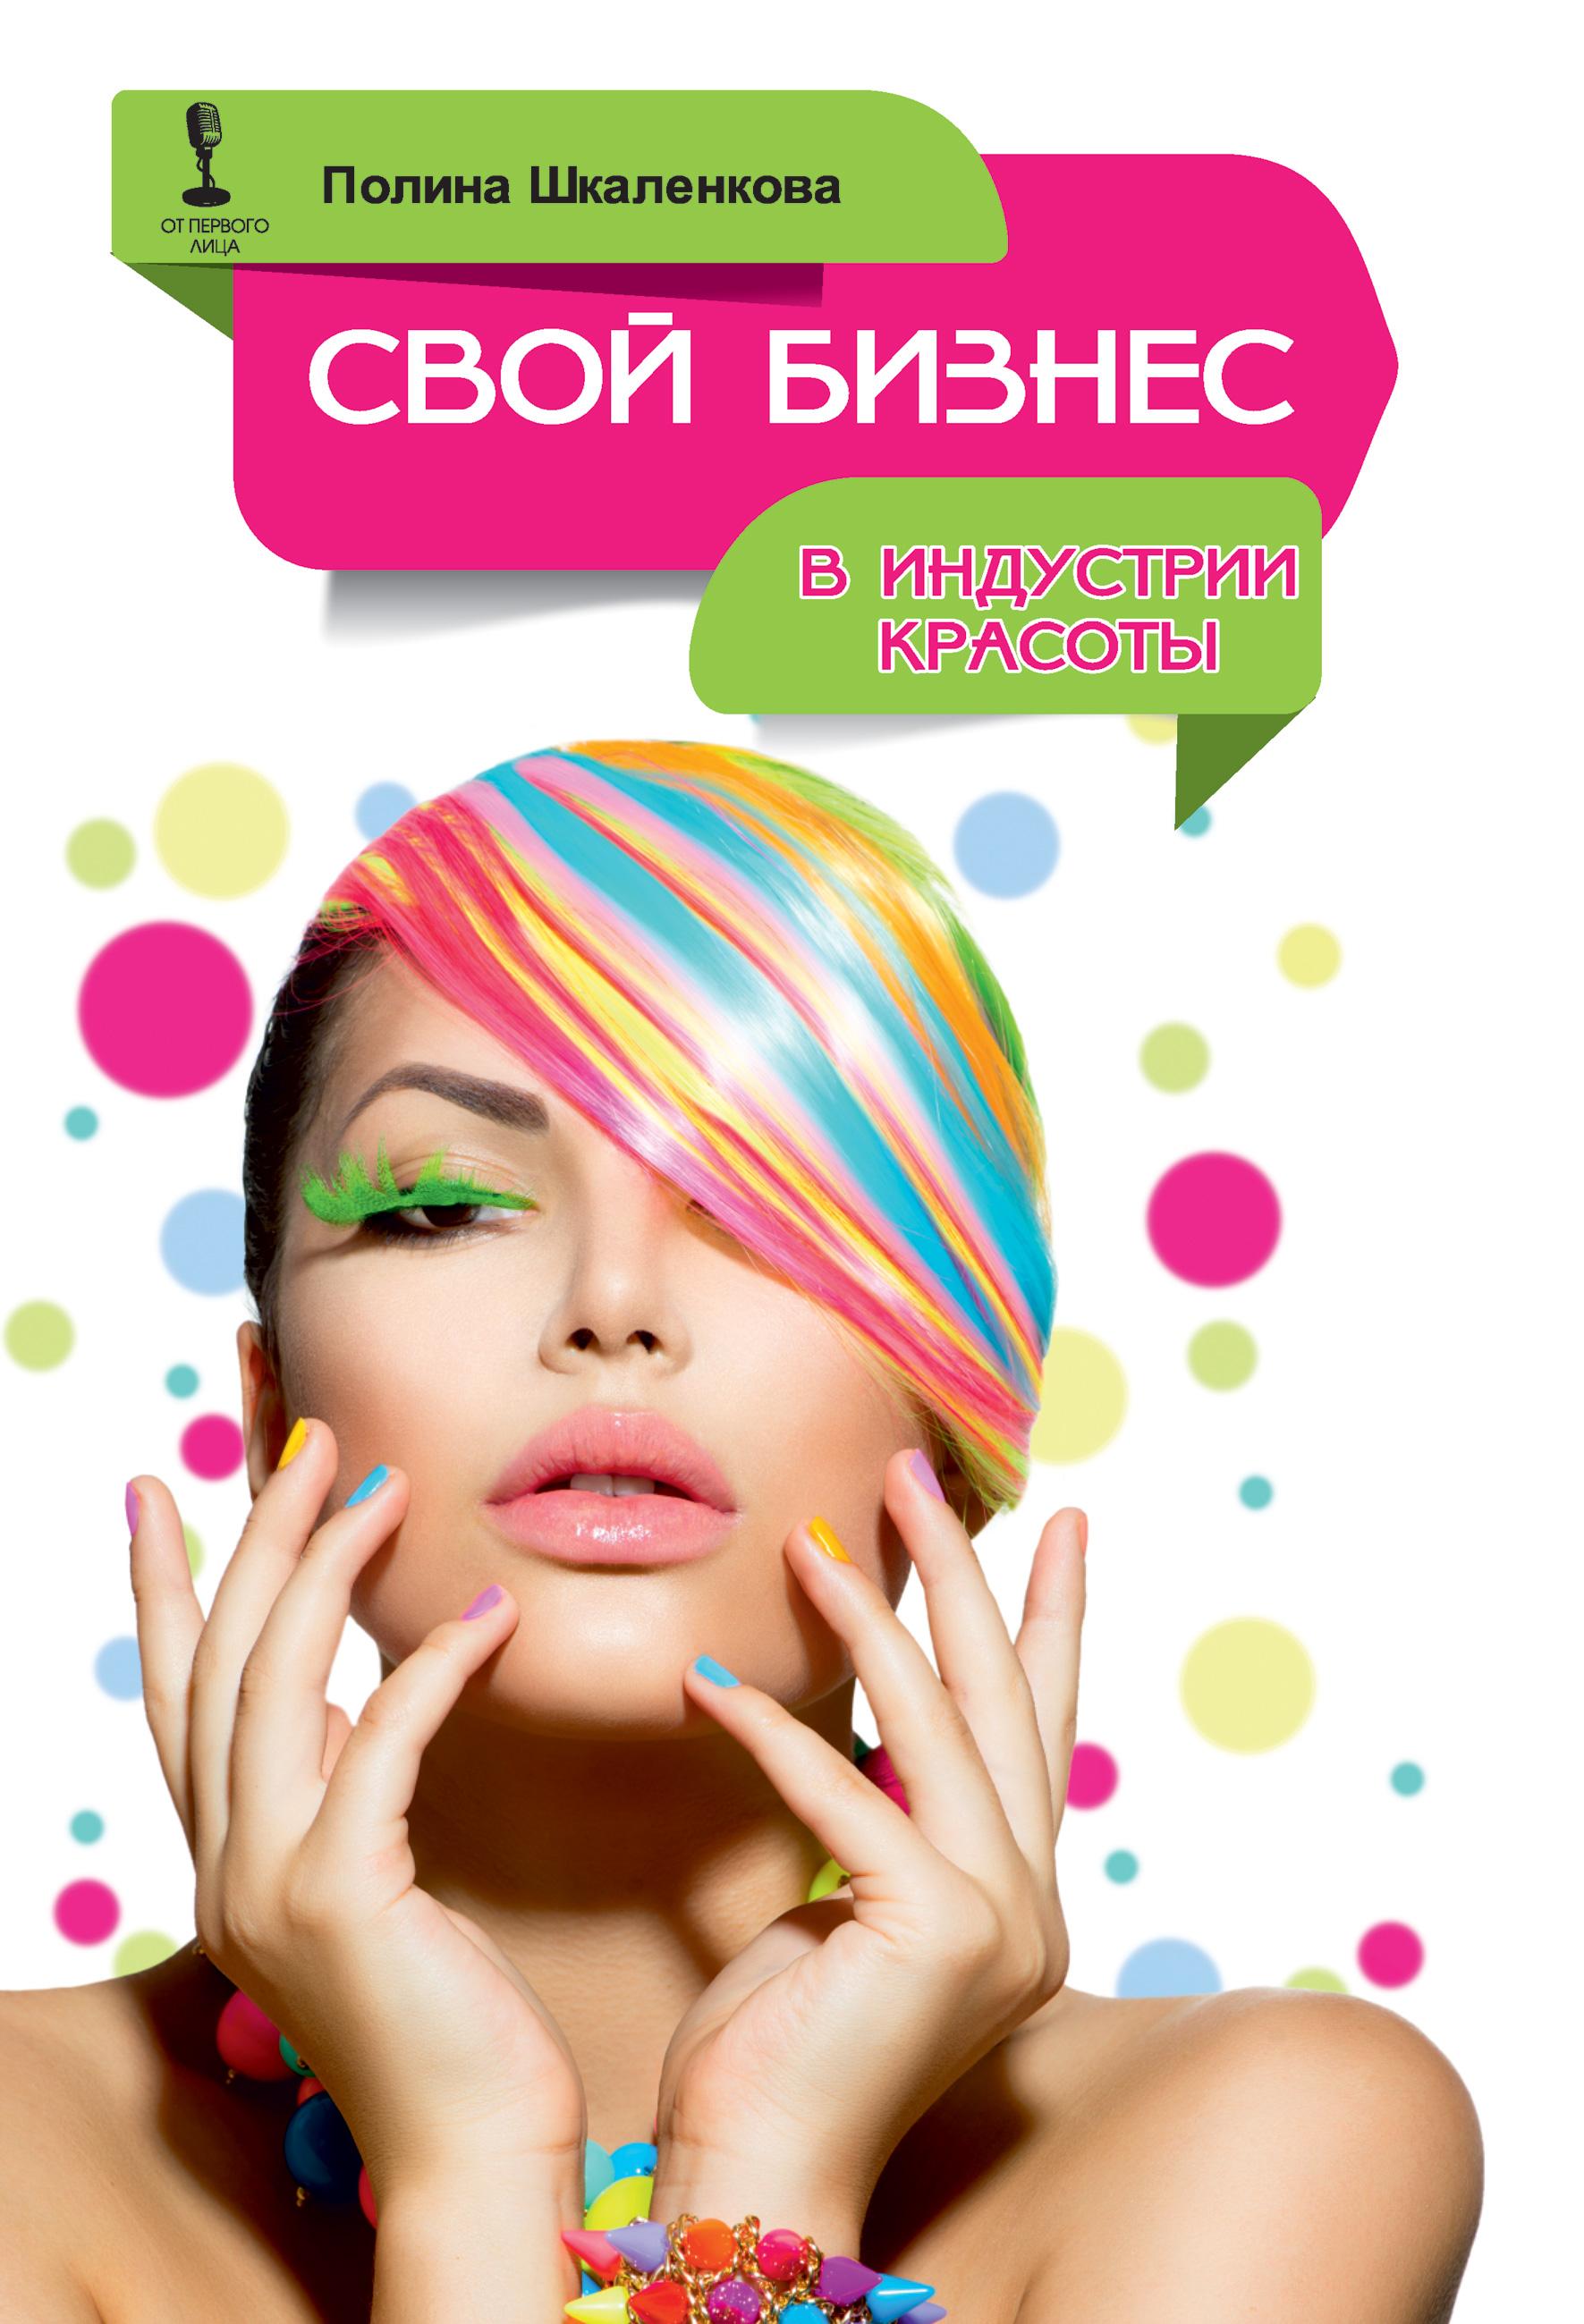 фото обложки издания Свой бизнес в индустрии красоты